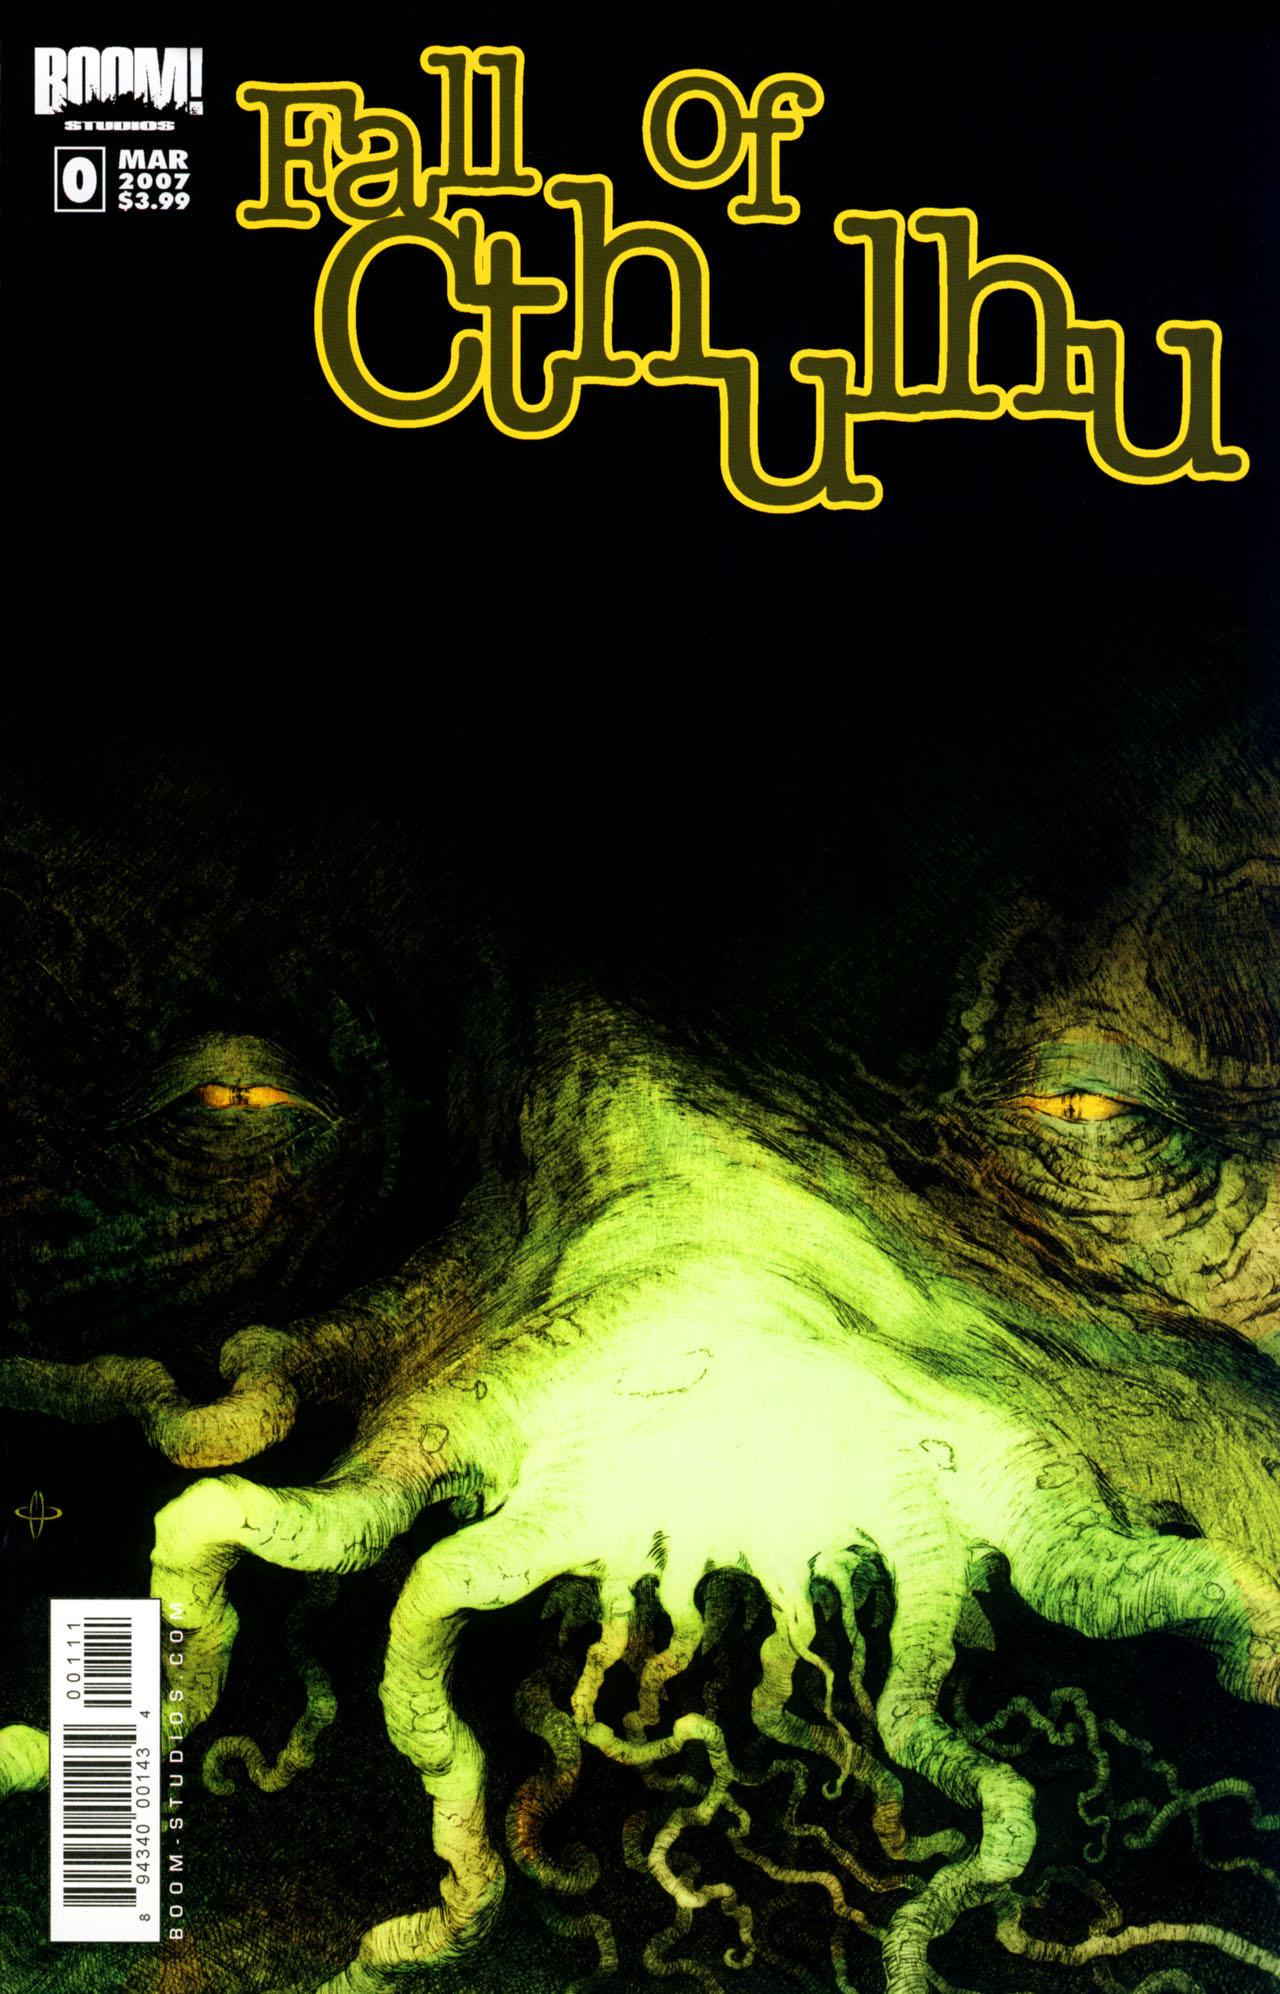 Fall of Cthulhu 0 Page 1